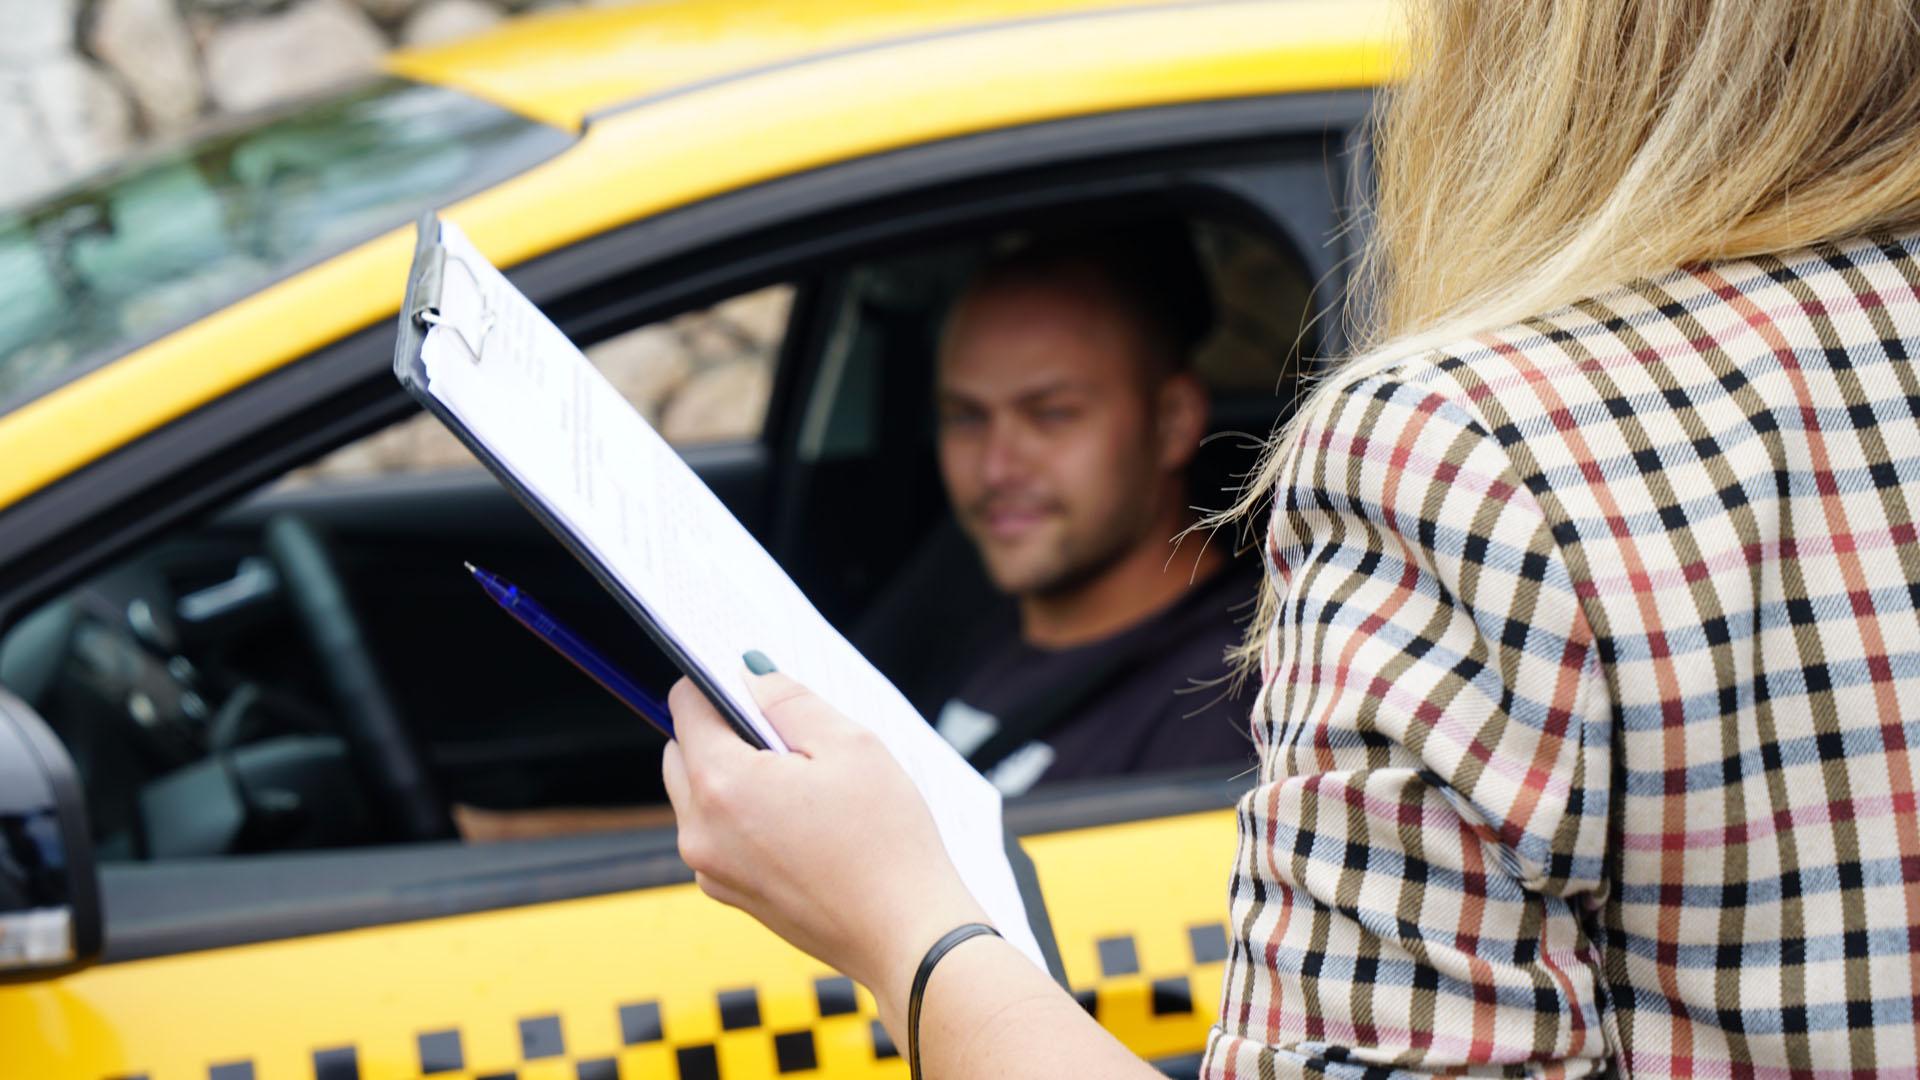 Открыт прием предложений по положению IV Всероссийского конкурса профессионального мастерства «Лучший водитель такси в России – 2021»